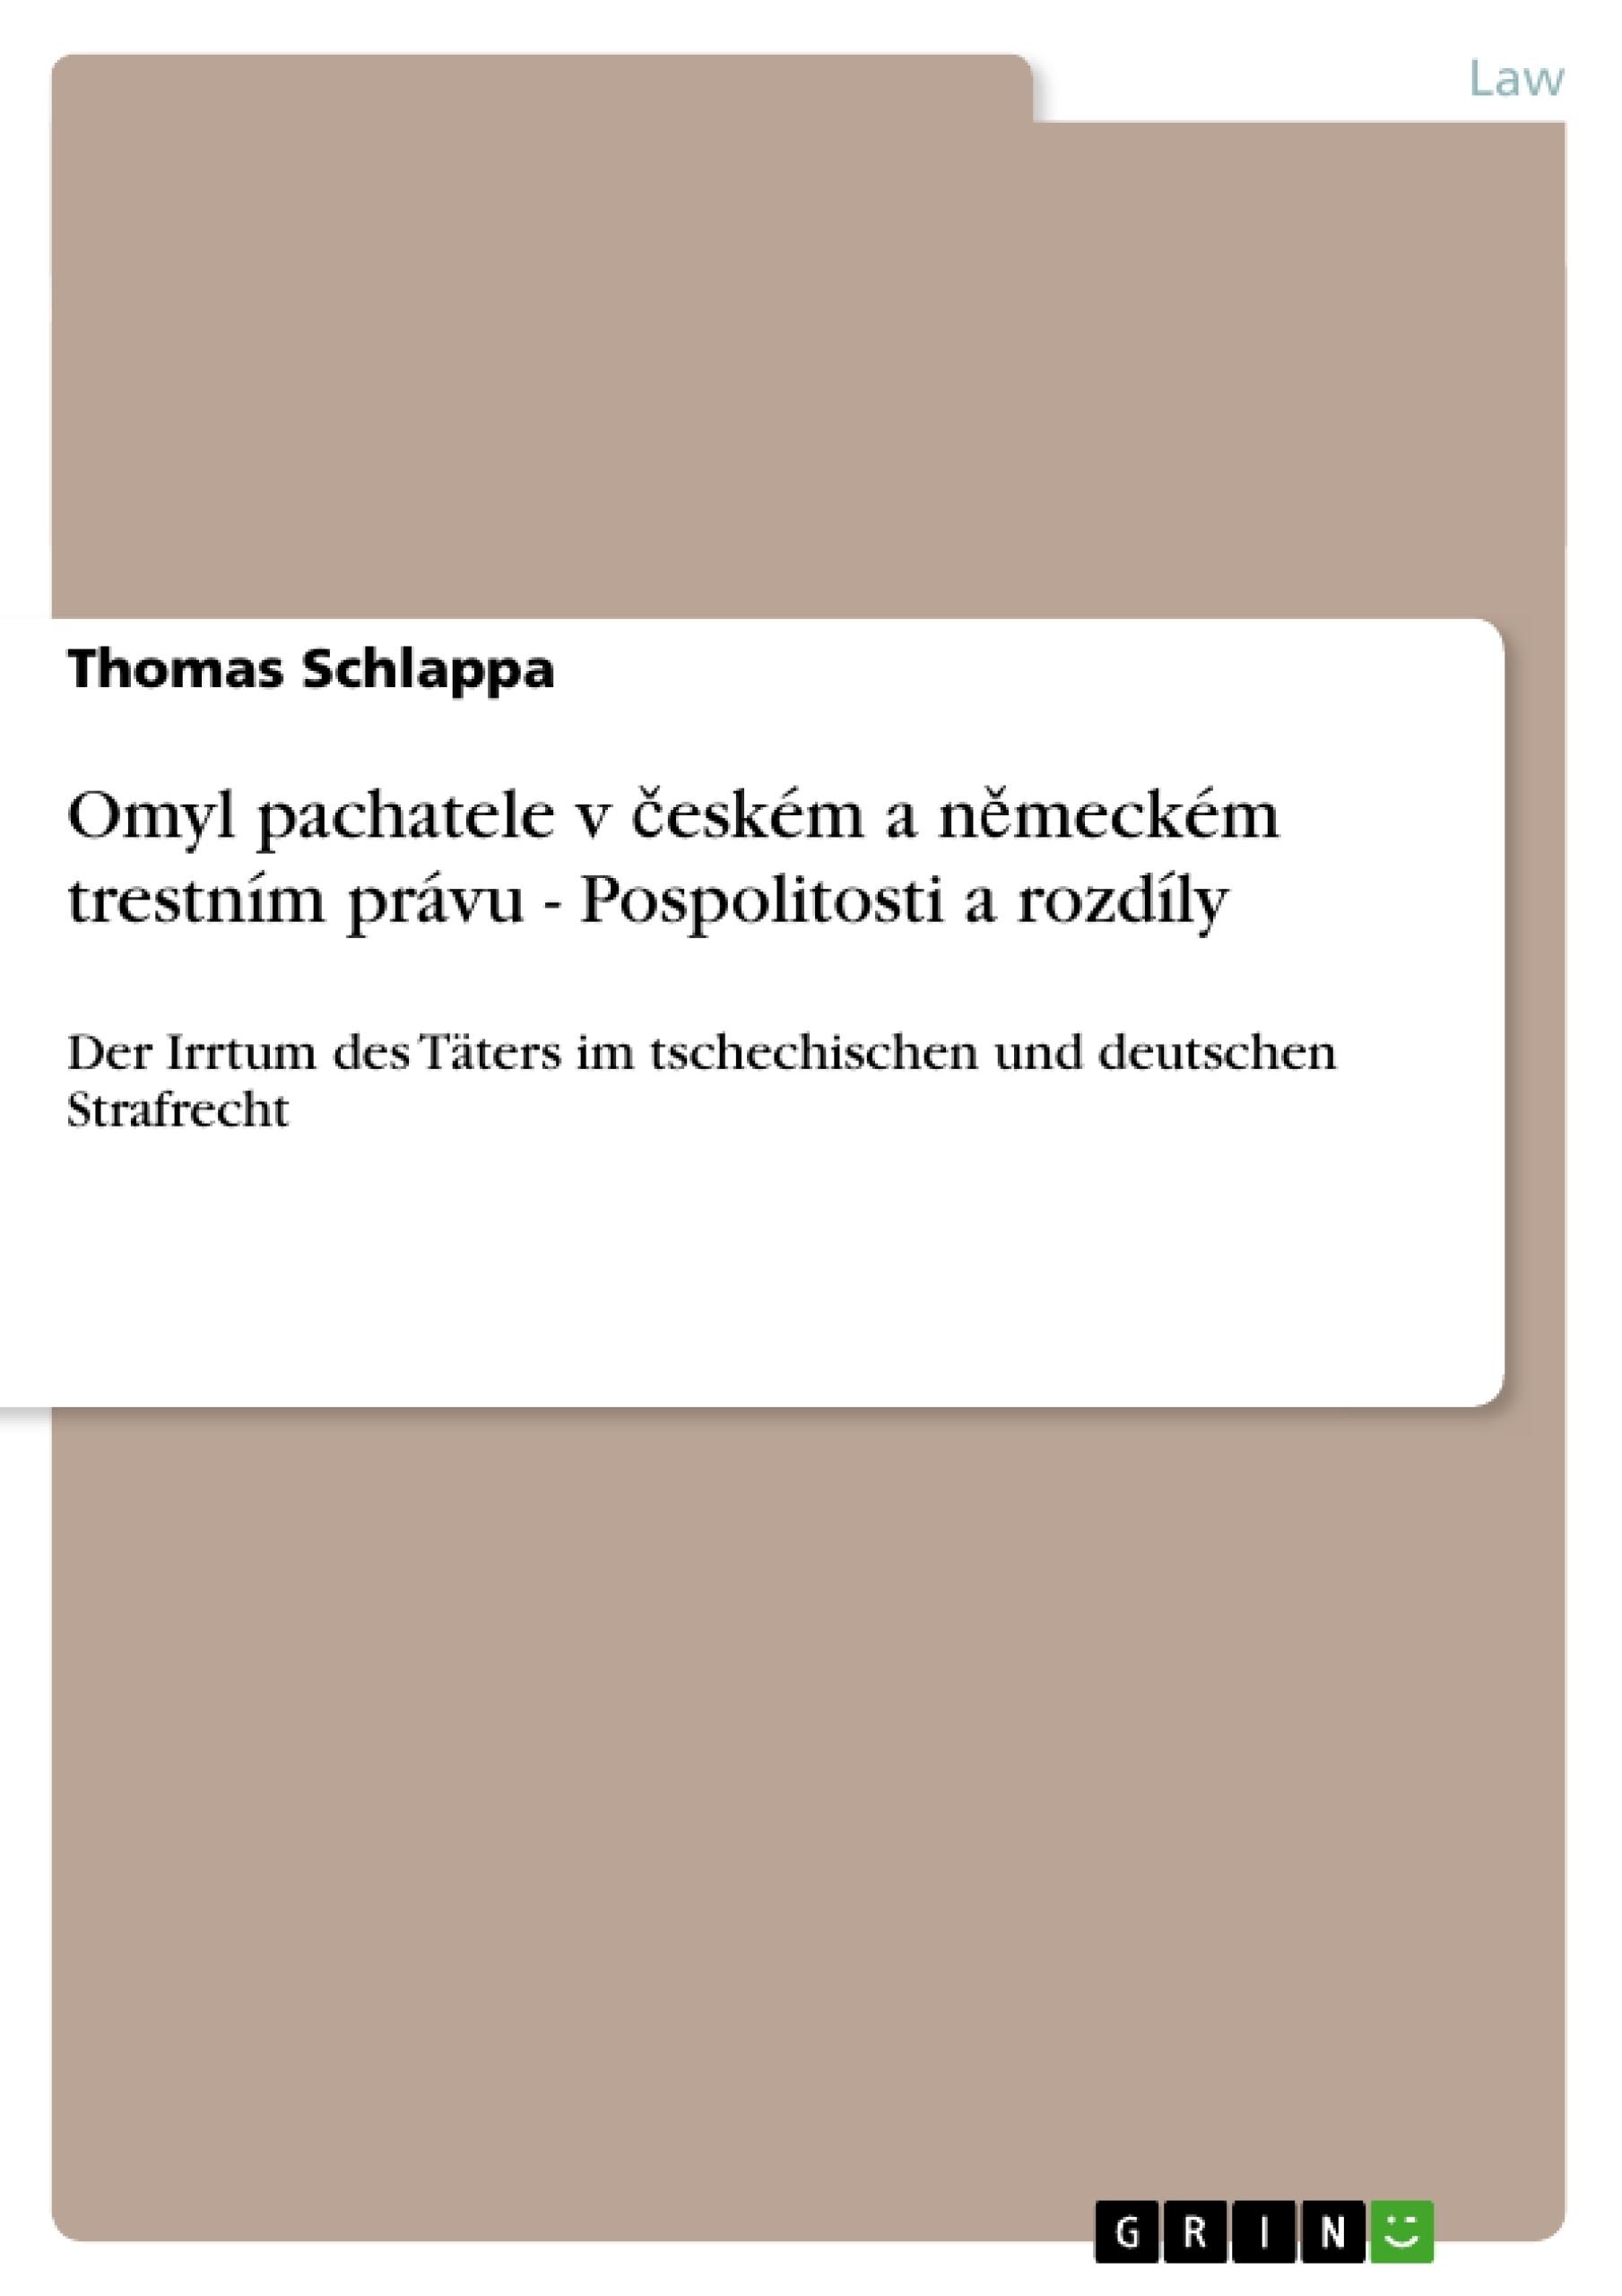 Title: Omyl pachatele v českém a německém trestním právu - Pospolitosti a rozdíly